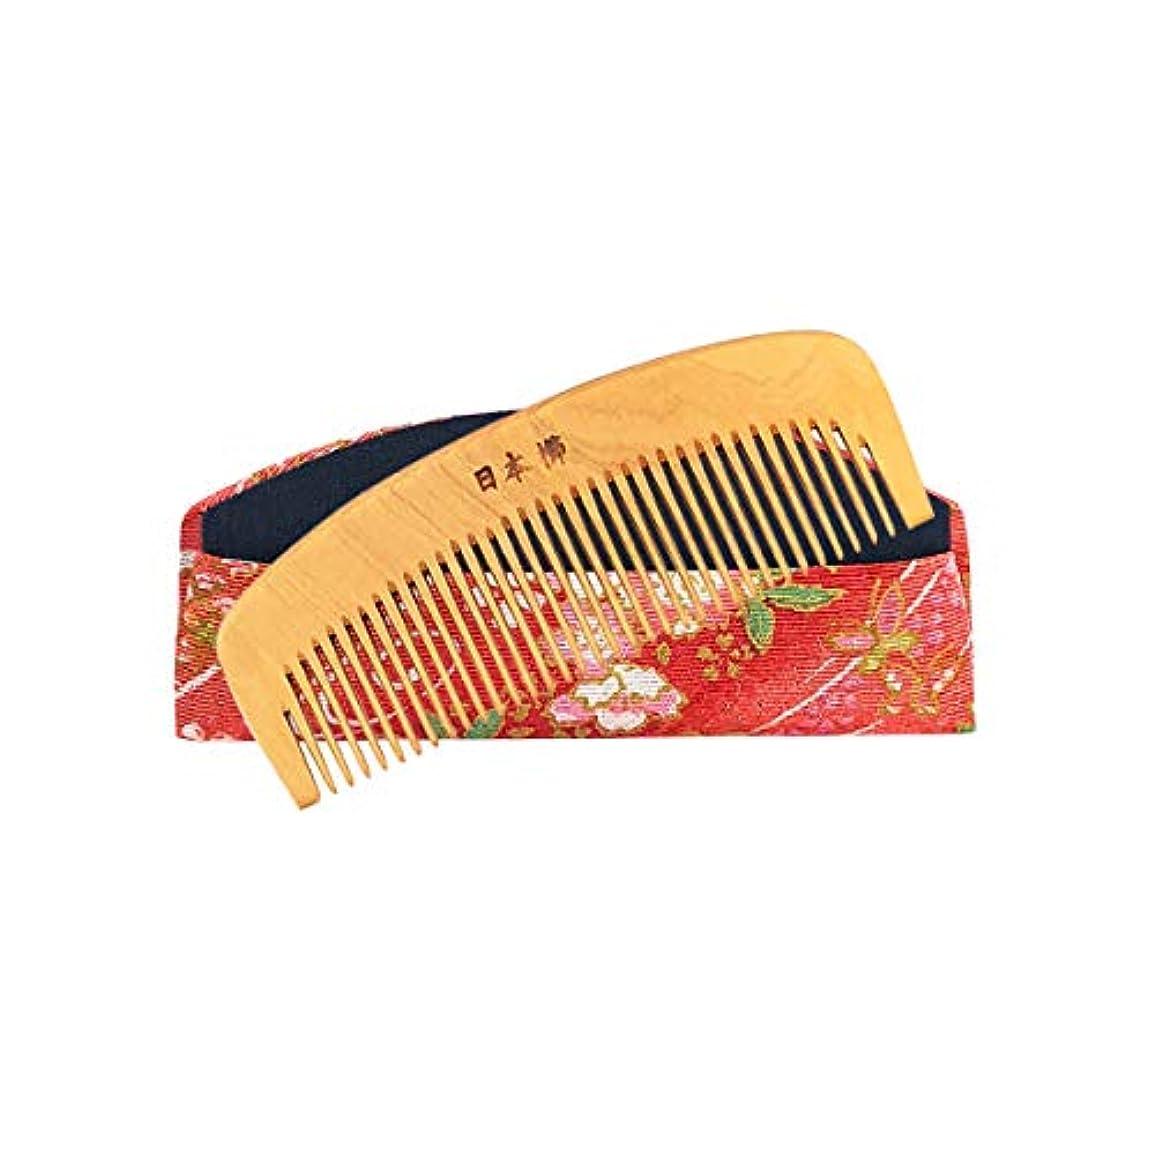 ベックス結晶前提条件本つげ櫛 3寸 とかし櫛 ケース付 椿油 静電気防止 つげ櫛 伝統工芸品 国産 日本製